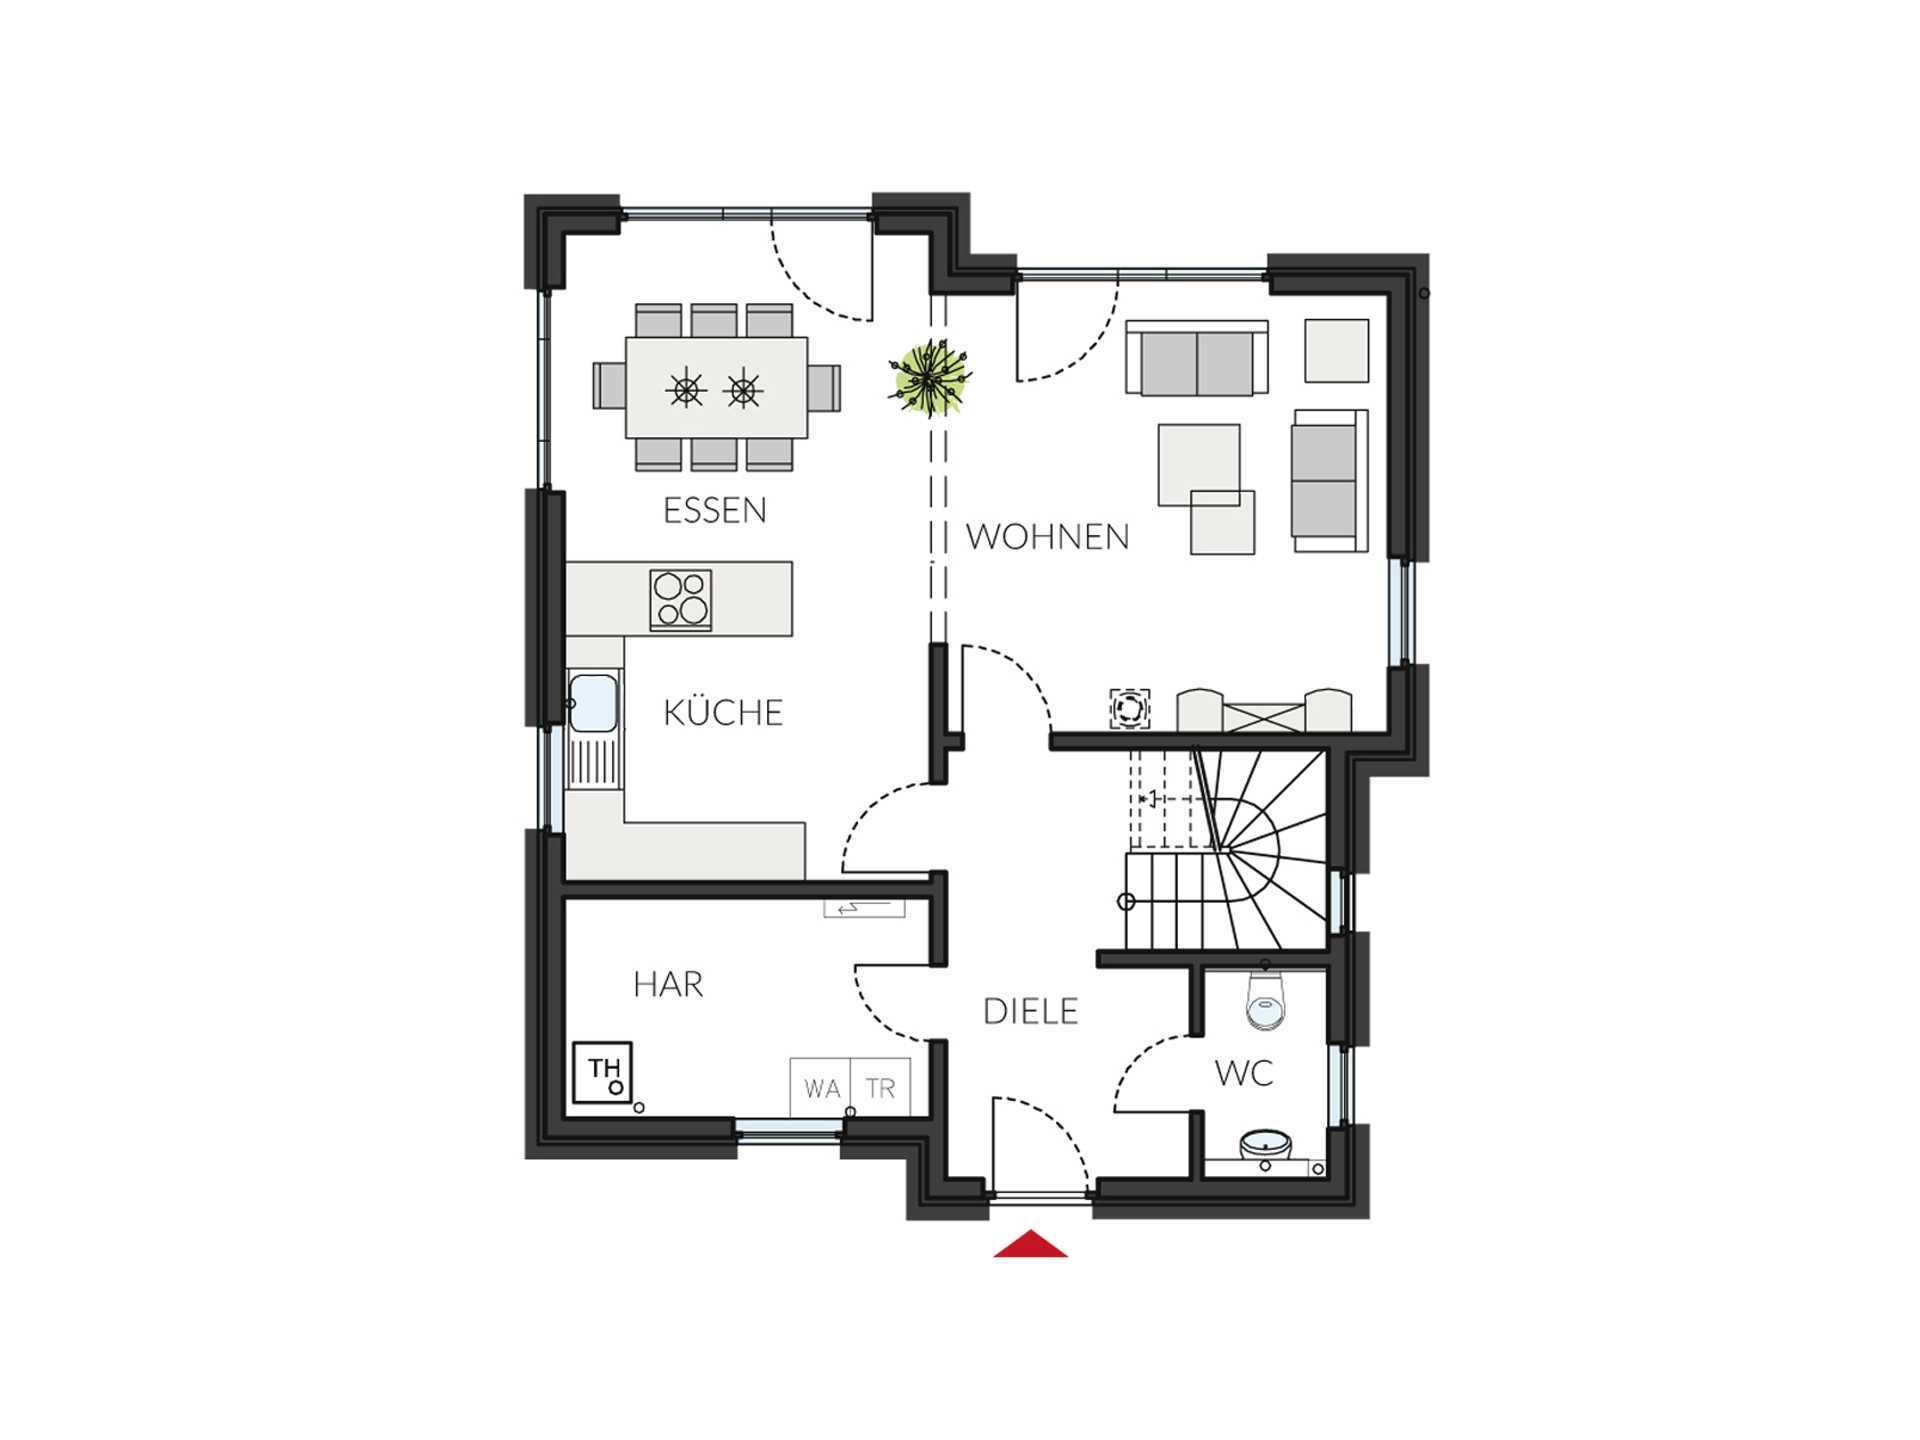 ProStyle 128 Musterhaus Mannheim - Eine Nahaufnahme von einem Logo - Gebäudeplan